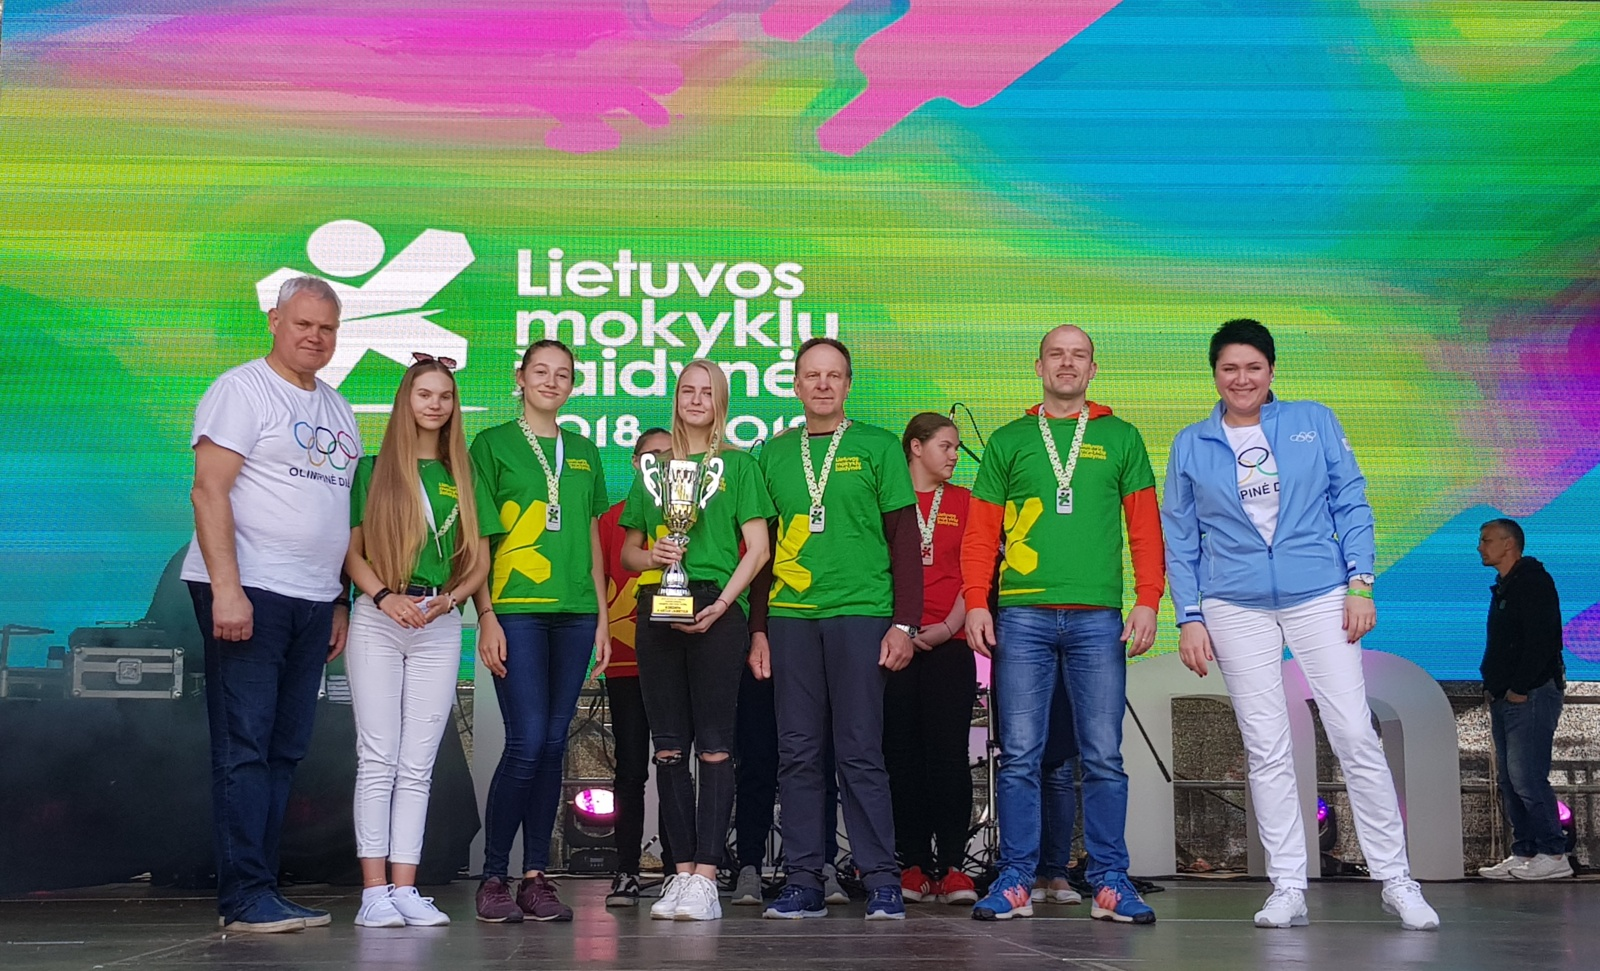 Lietuvos mokyklų žaidynių finalo prizininkės